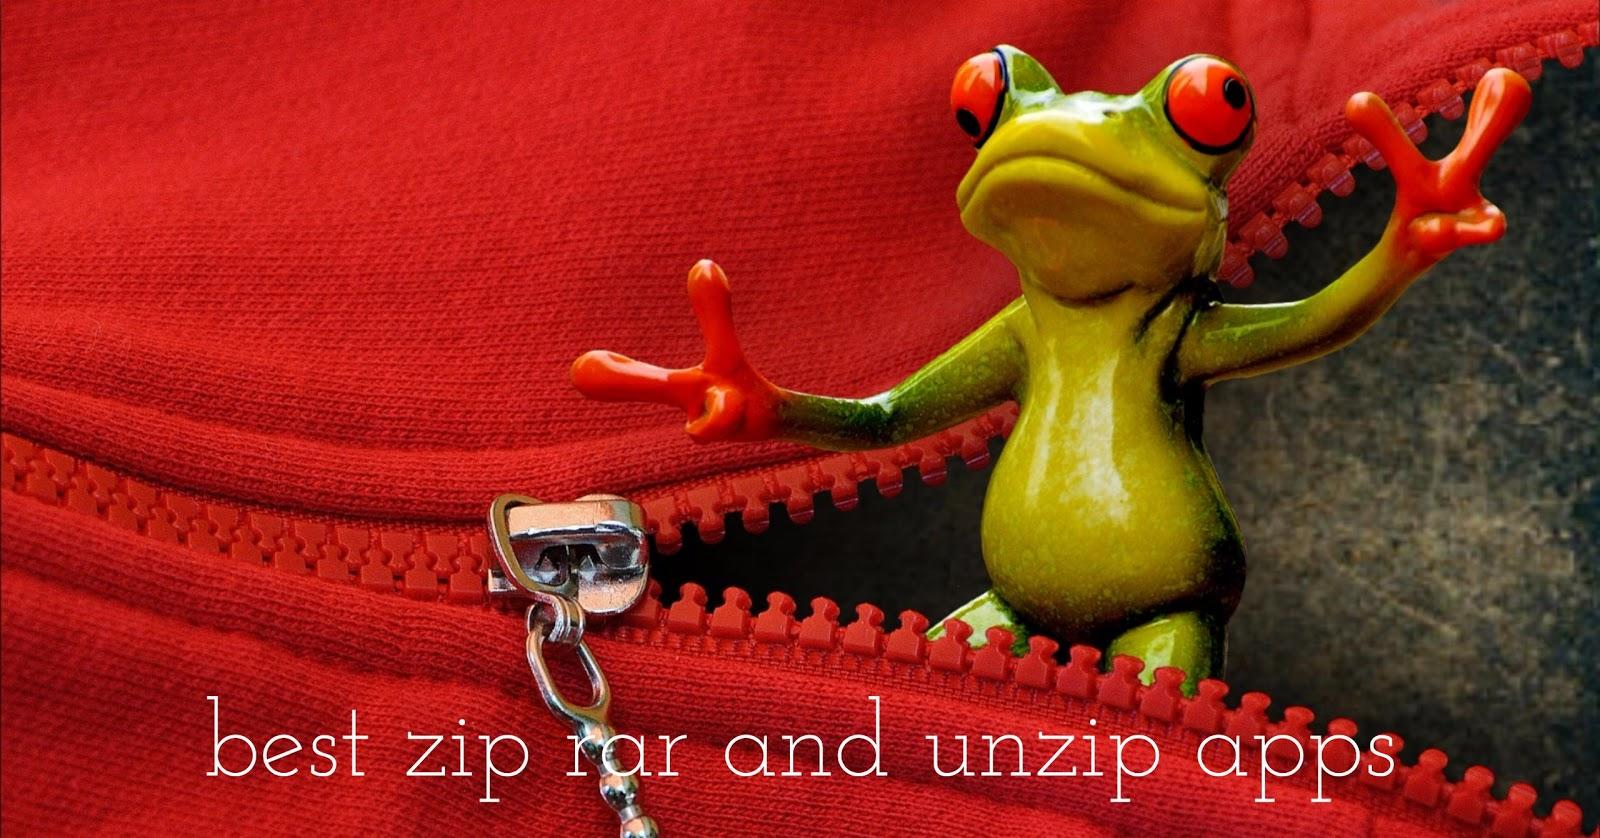 Best ZIP & RAR opener apps for iPhone and iPad